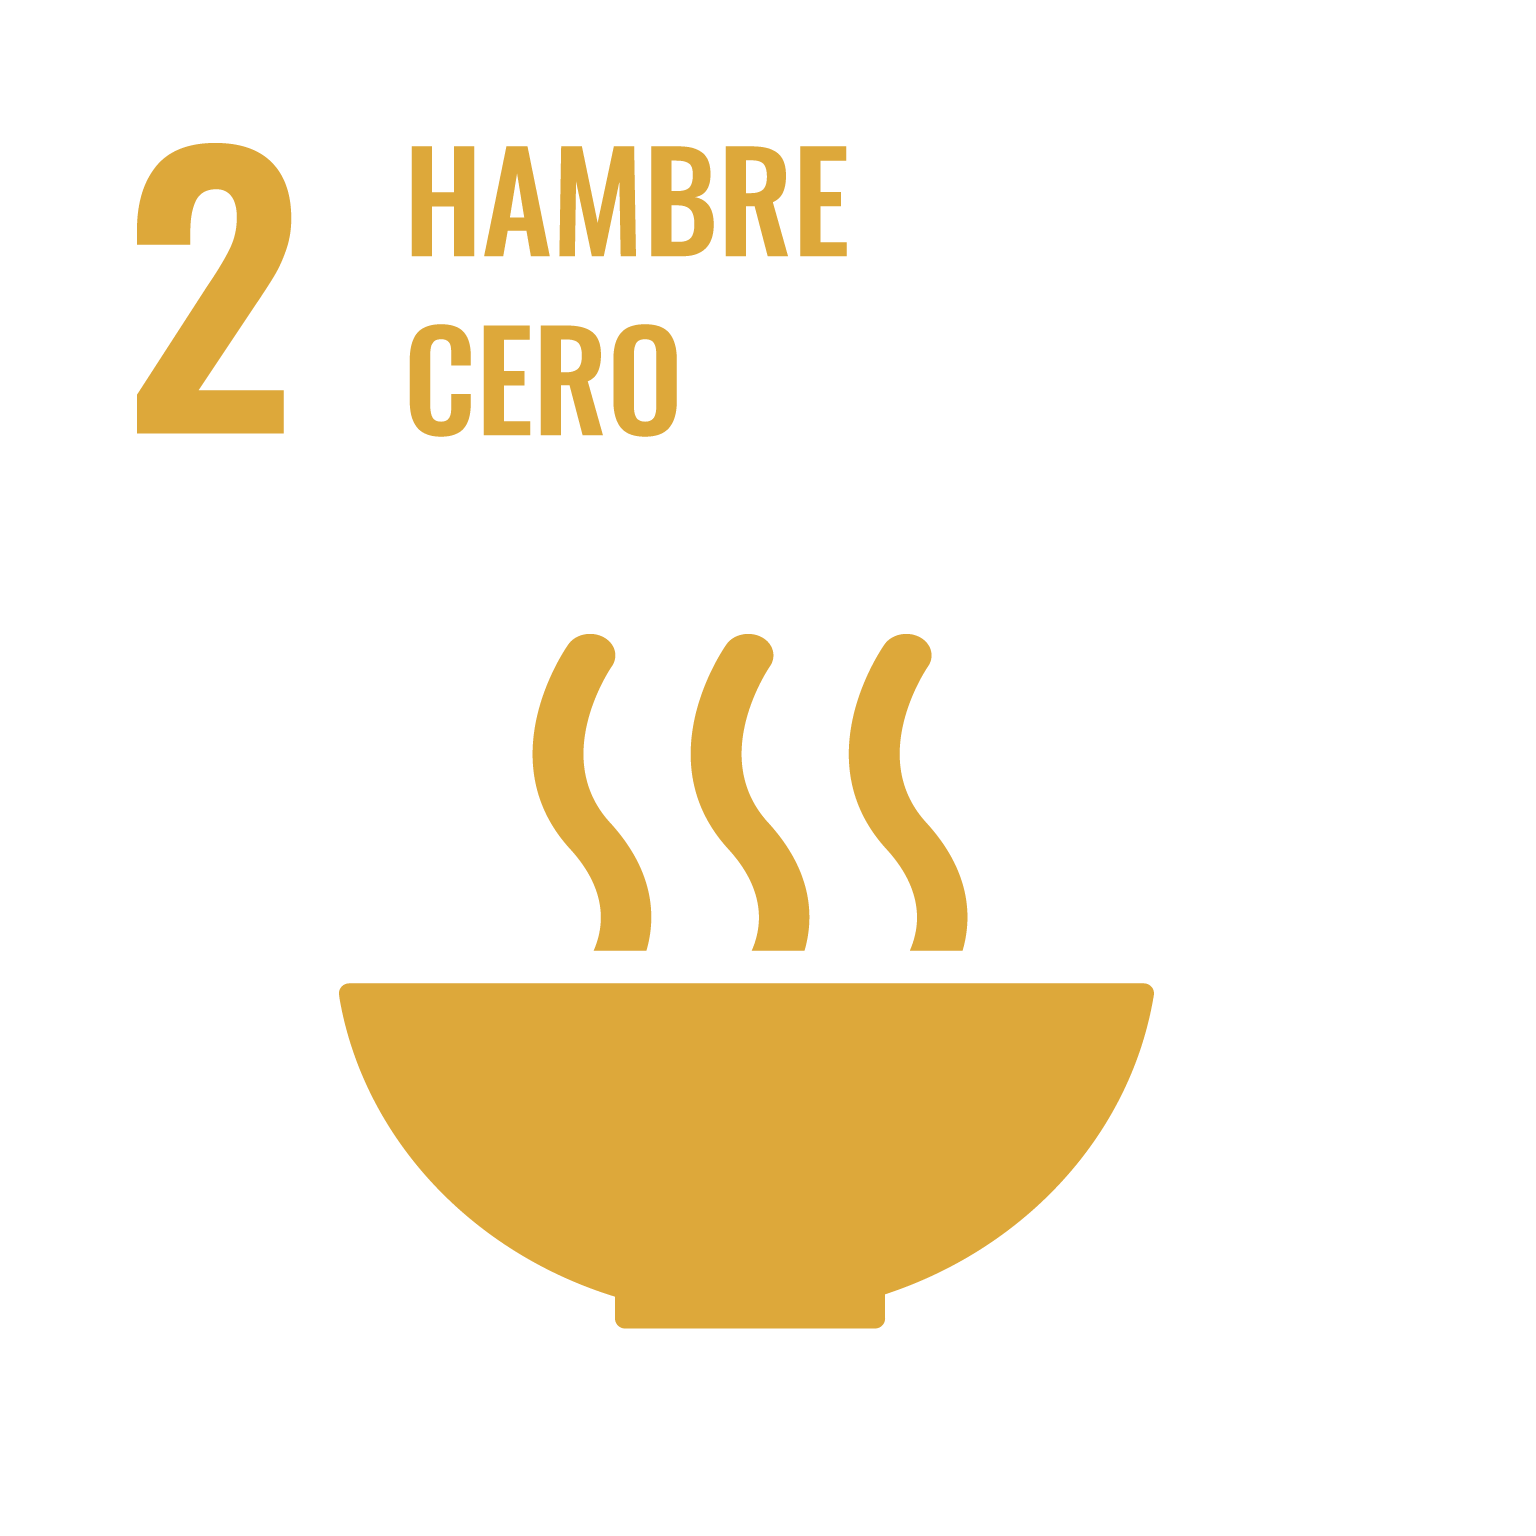 Icono del Objetivo de Desarrollo Sostenible Hambre cero